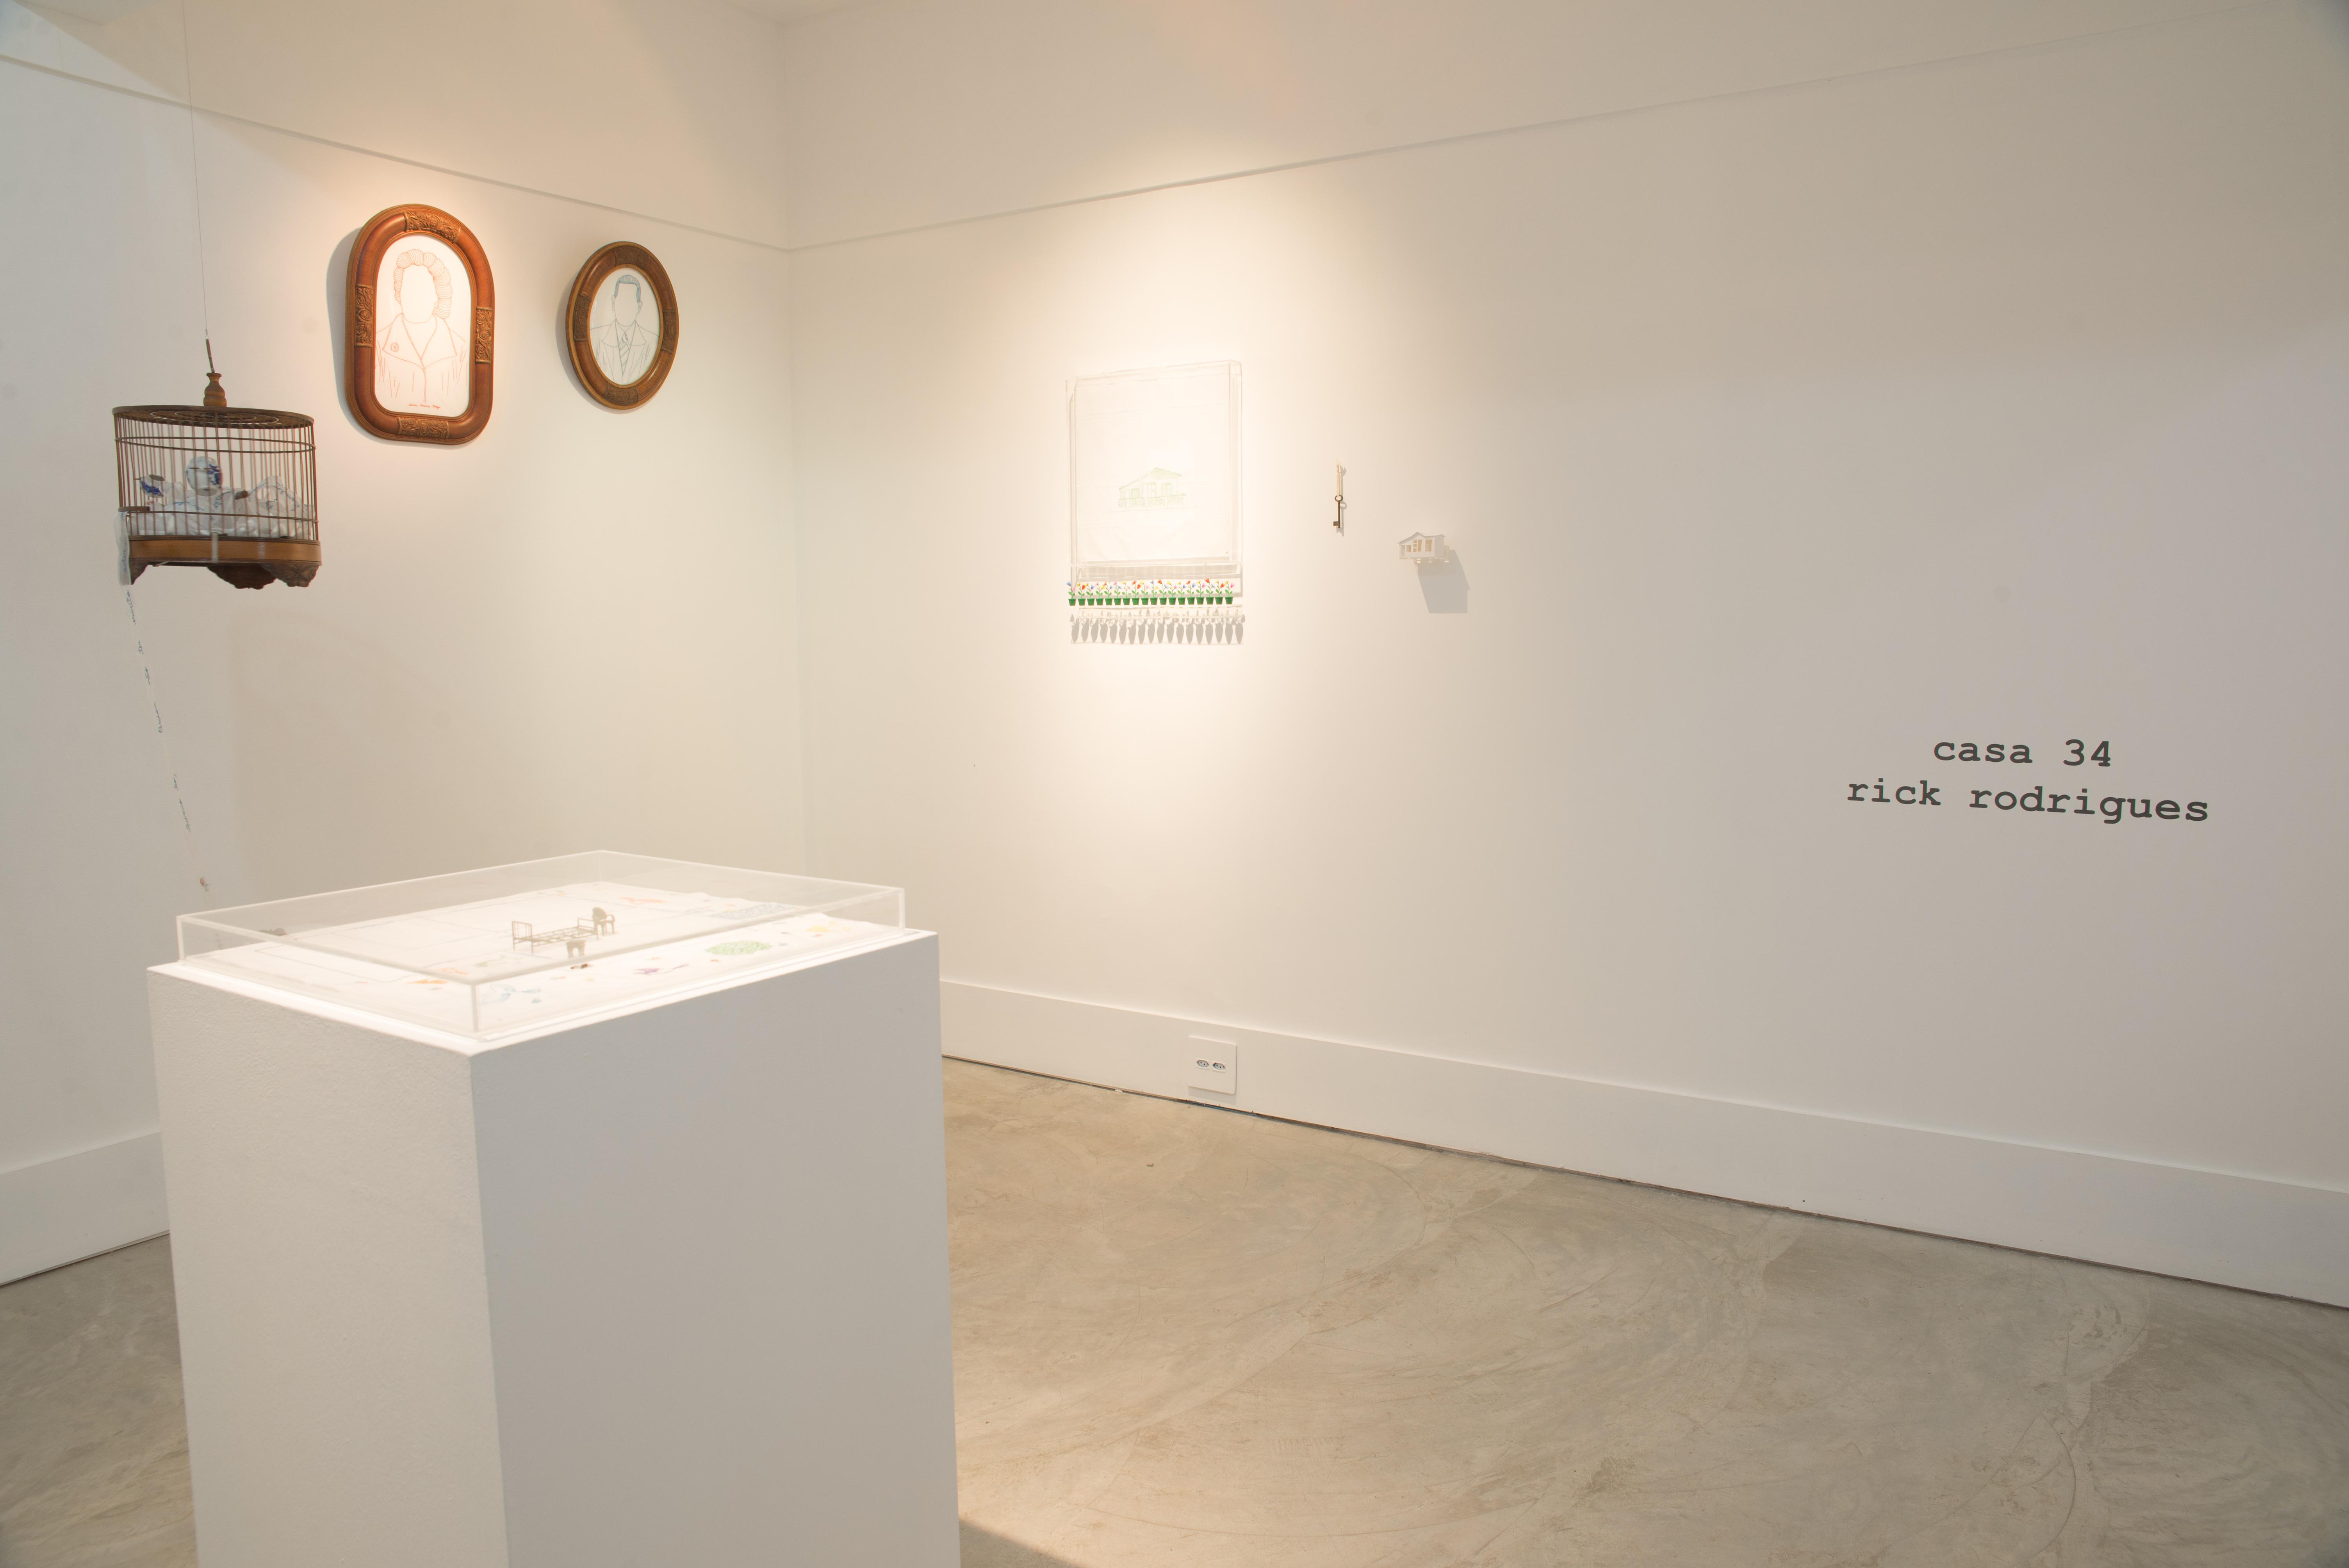 Exposição Casa 34, 2018